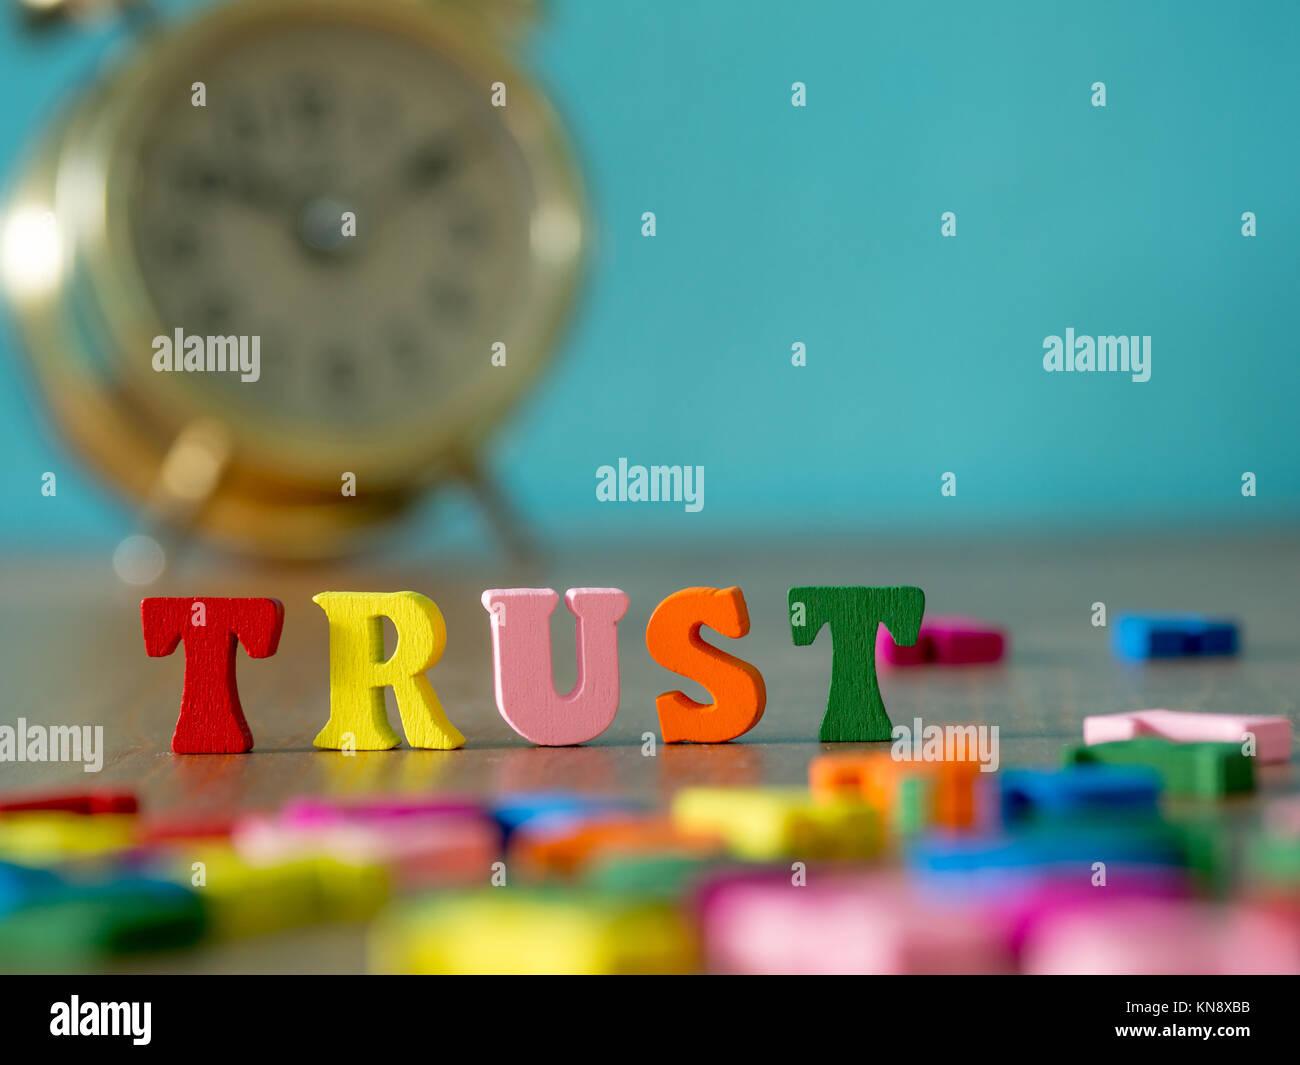 La confiance. Alphabet anglais lettre de bois couleur. La confiance de l'alphabet sur table en bois et vintage Photo Stock